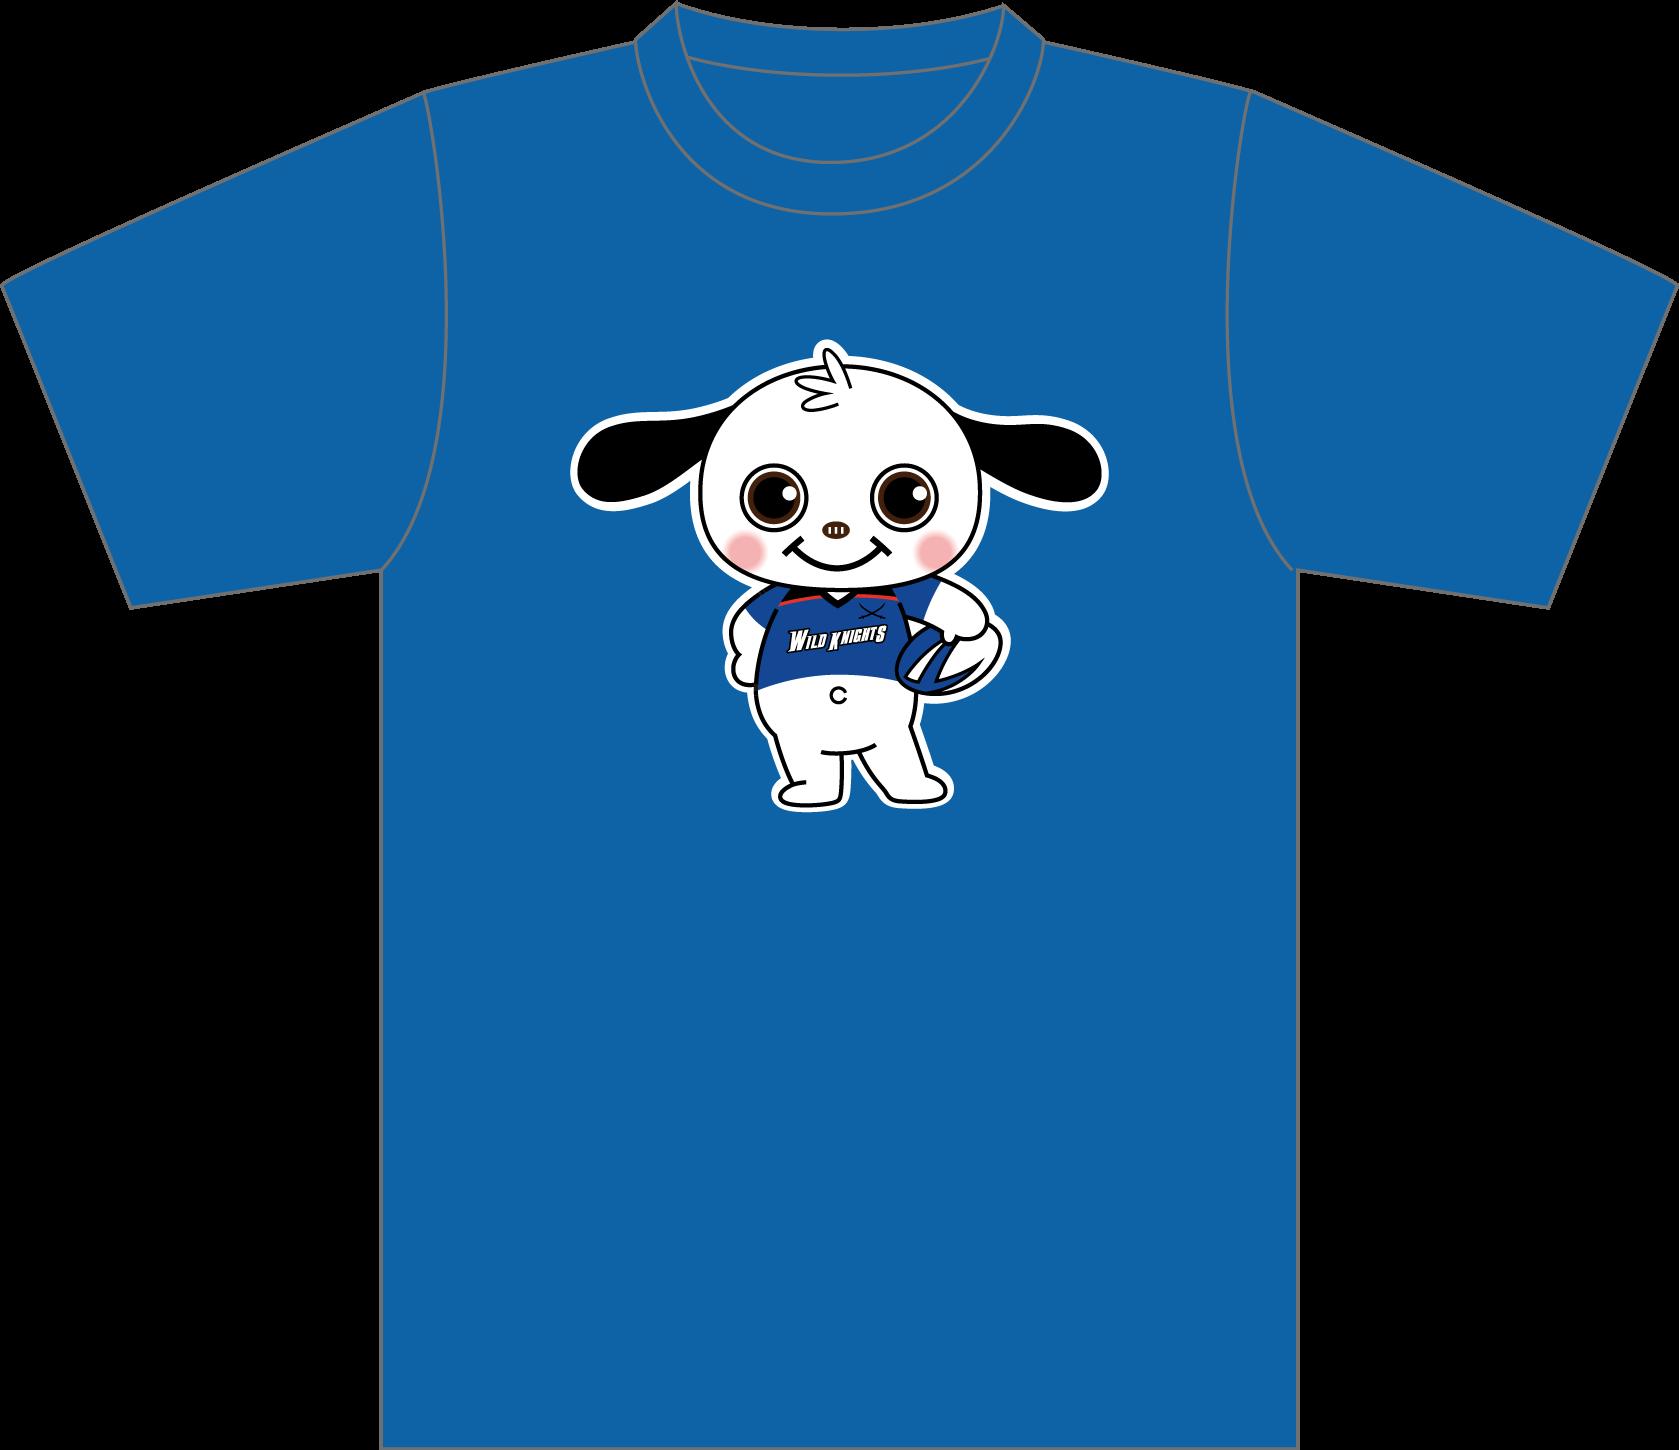 《ワイルドナイツ×ラガマルくん》キッズコラボTシャツ 《Wild Knights Goods》 Ragamarukun Collab Kids T-shirt 【メール便(ゆうパケット)対応可】